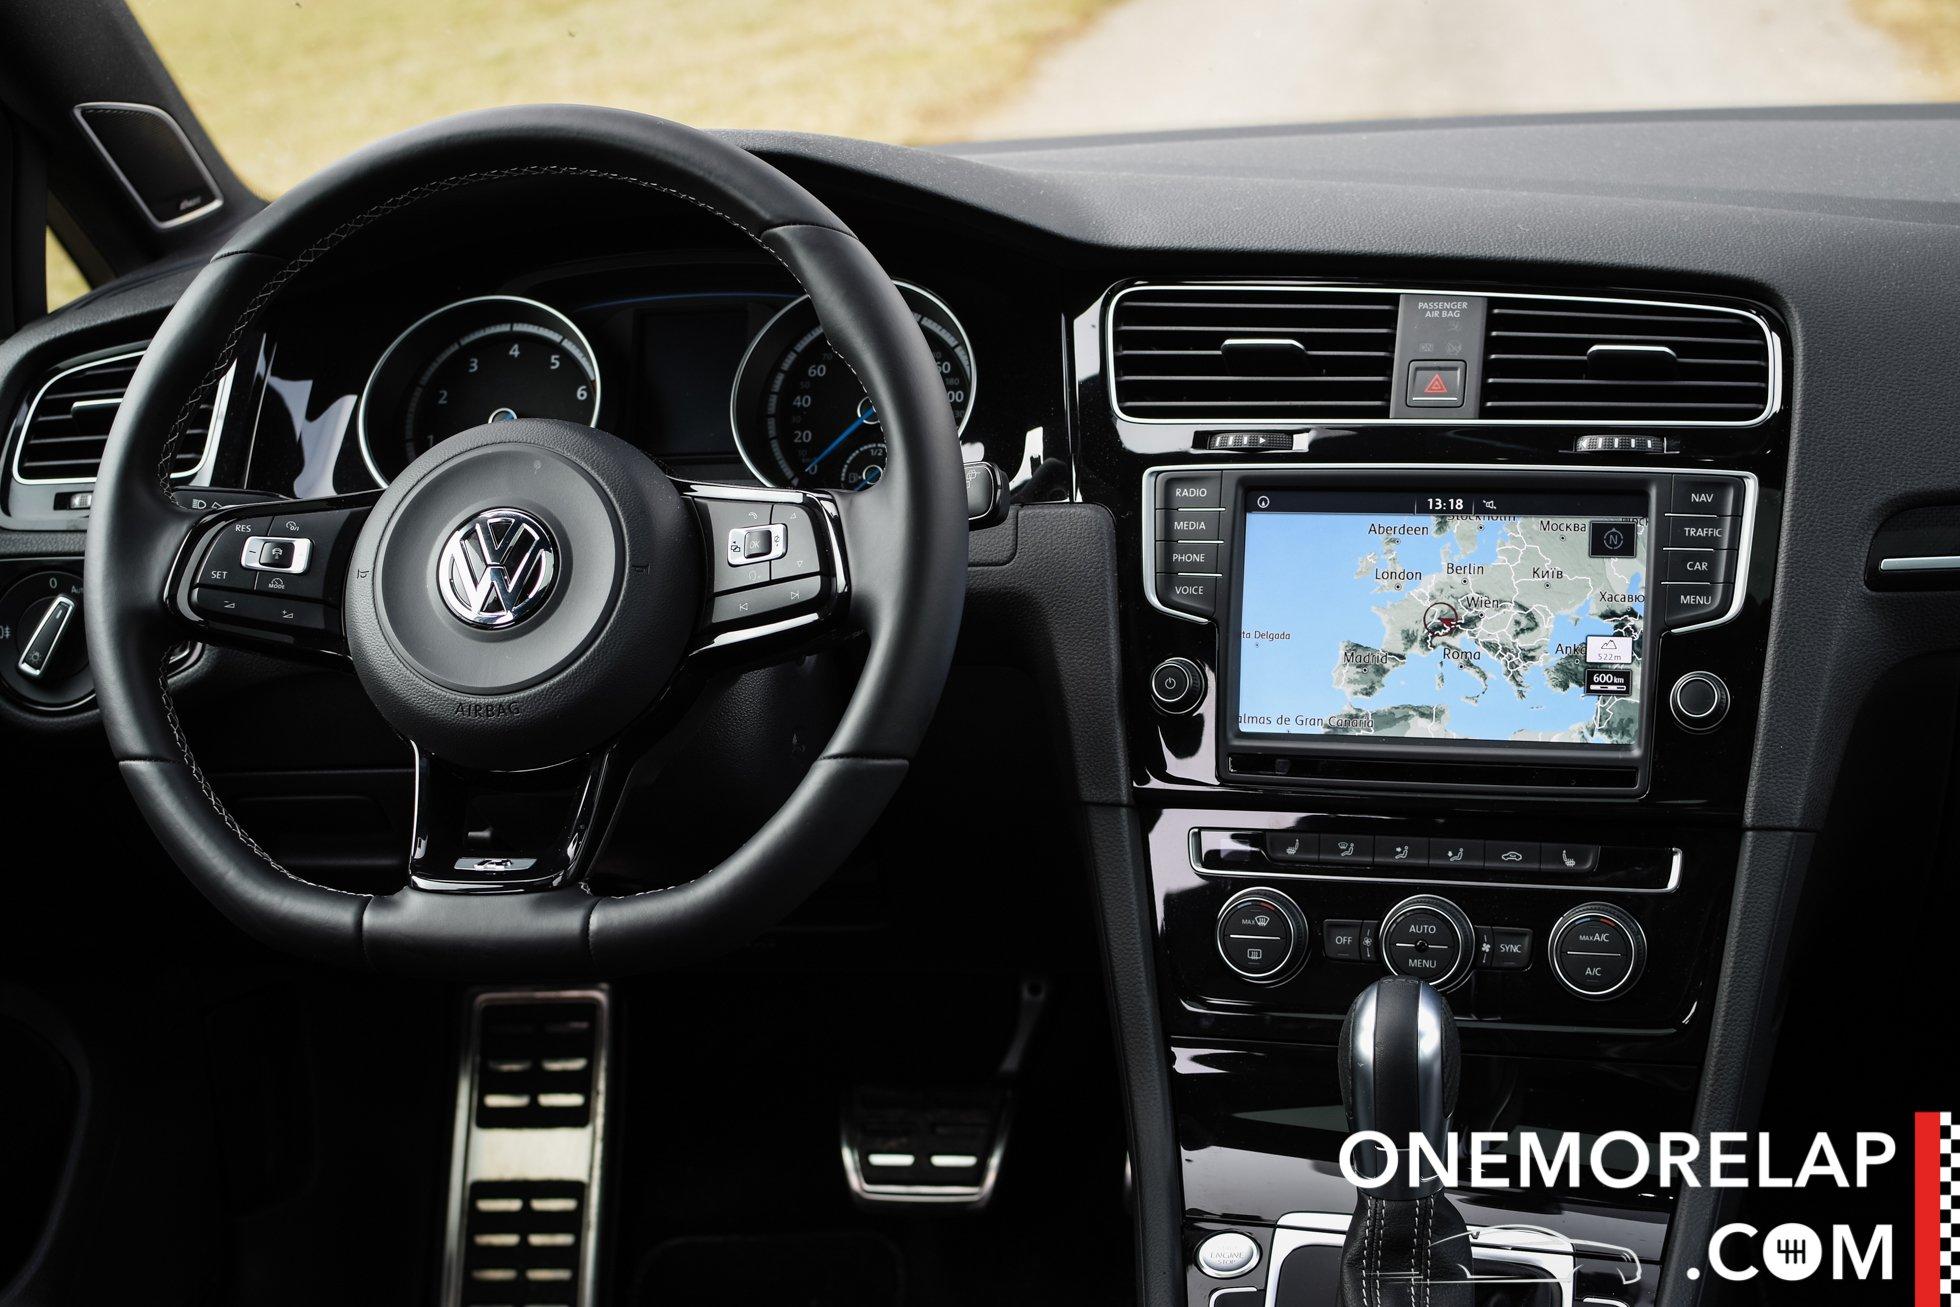 Vergleichstest: VW Golf GTI Clubsport S vs. Golf R360S